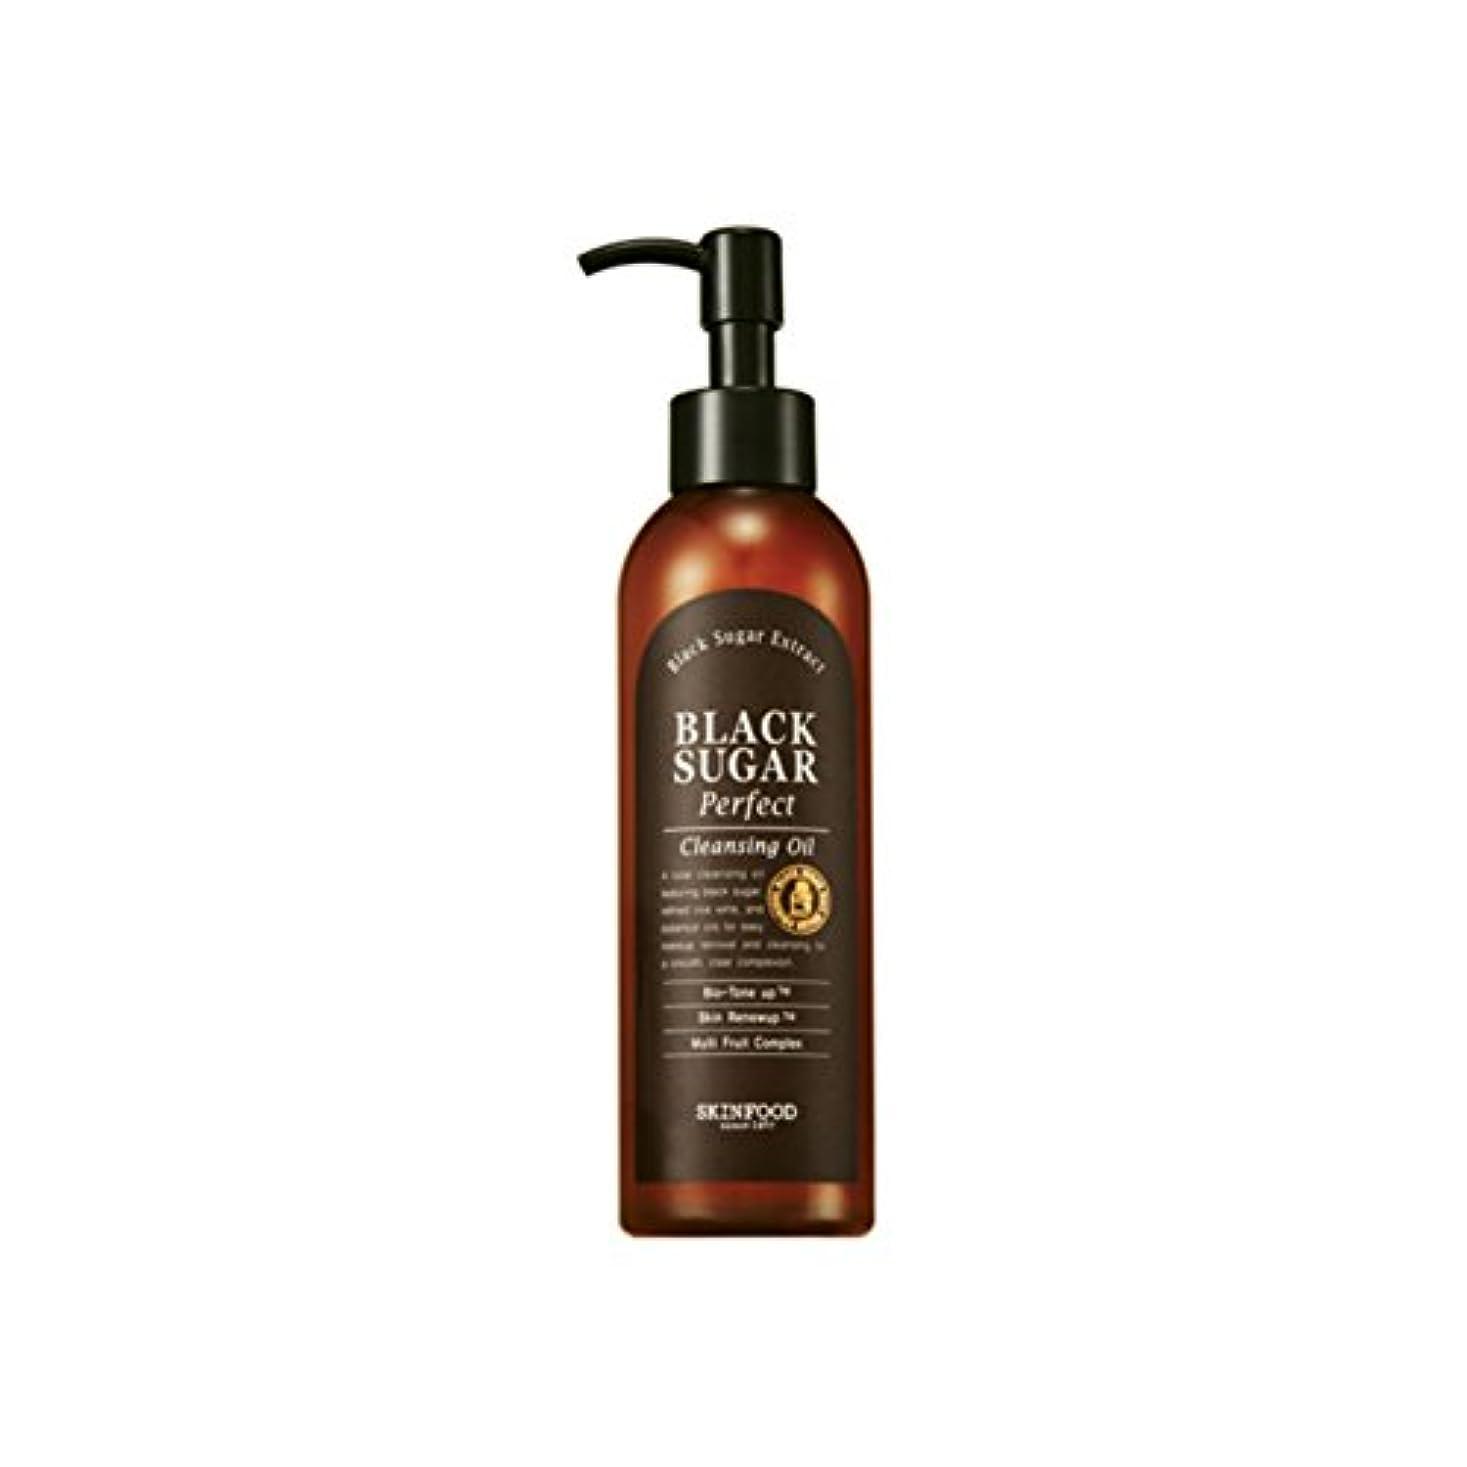 振りかけるメッセージメカニック[スキンフード] SKINFOOD [ブラックシュガーパーフェクトクレンジングオイル] (Black Sugar Perfect Cleansing Oil) [並行輸入品]